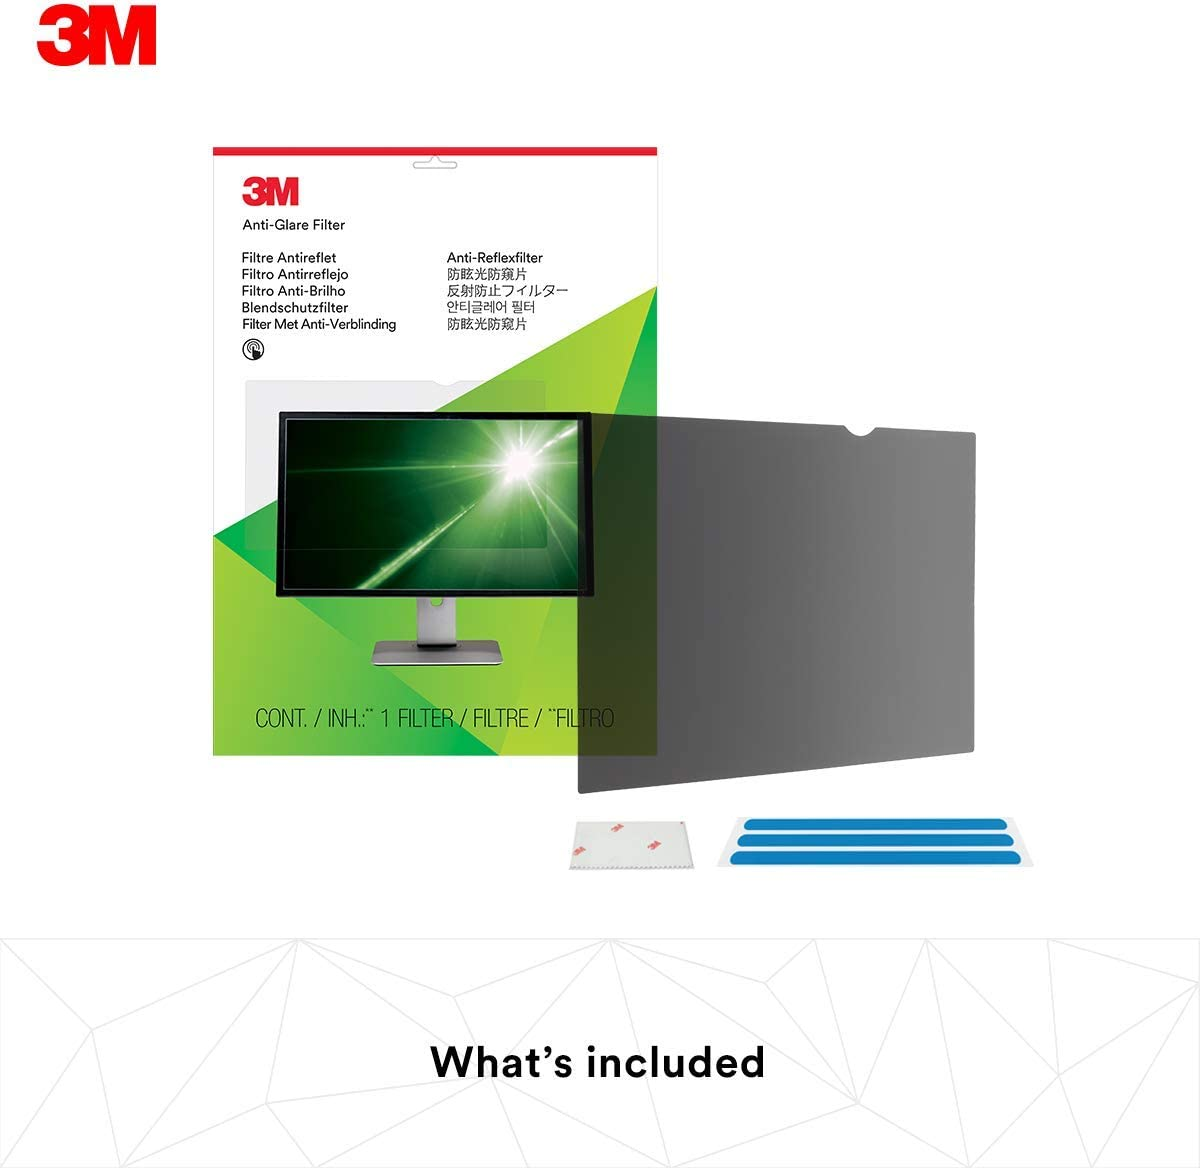 3M AG19.0W Blendschutzfilter f/ür LCD Widescreen Desktop Monitore 48,3 cm entspricht 19